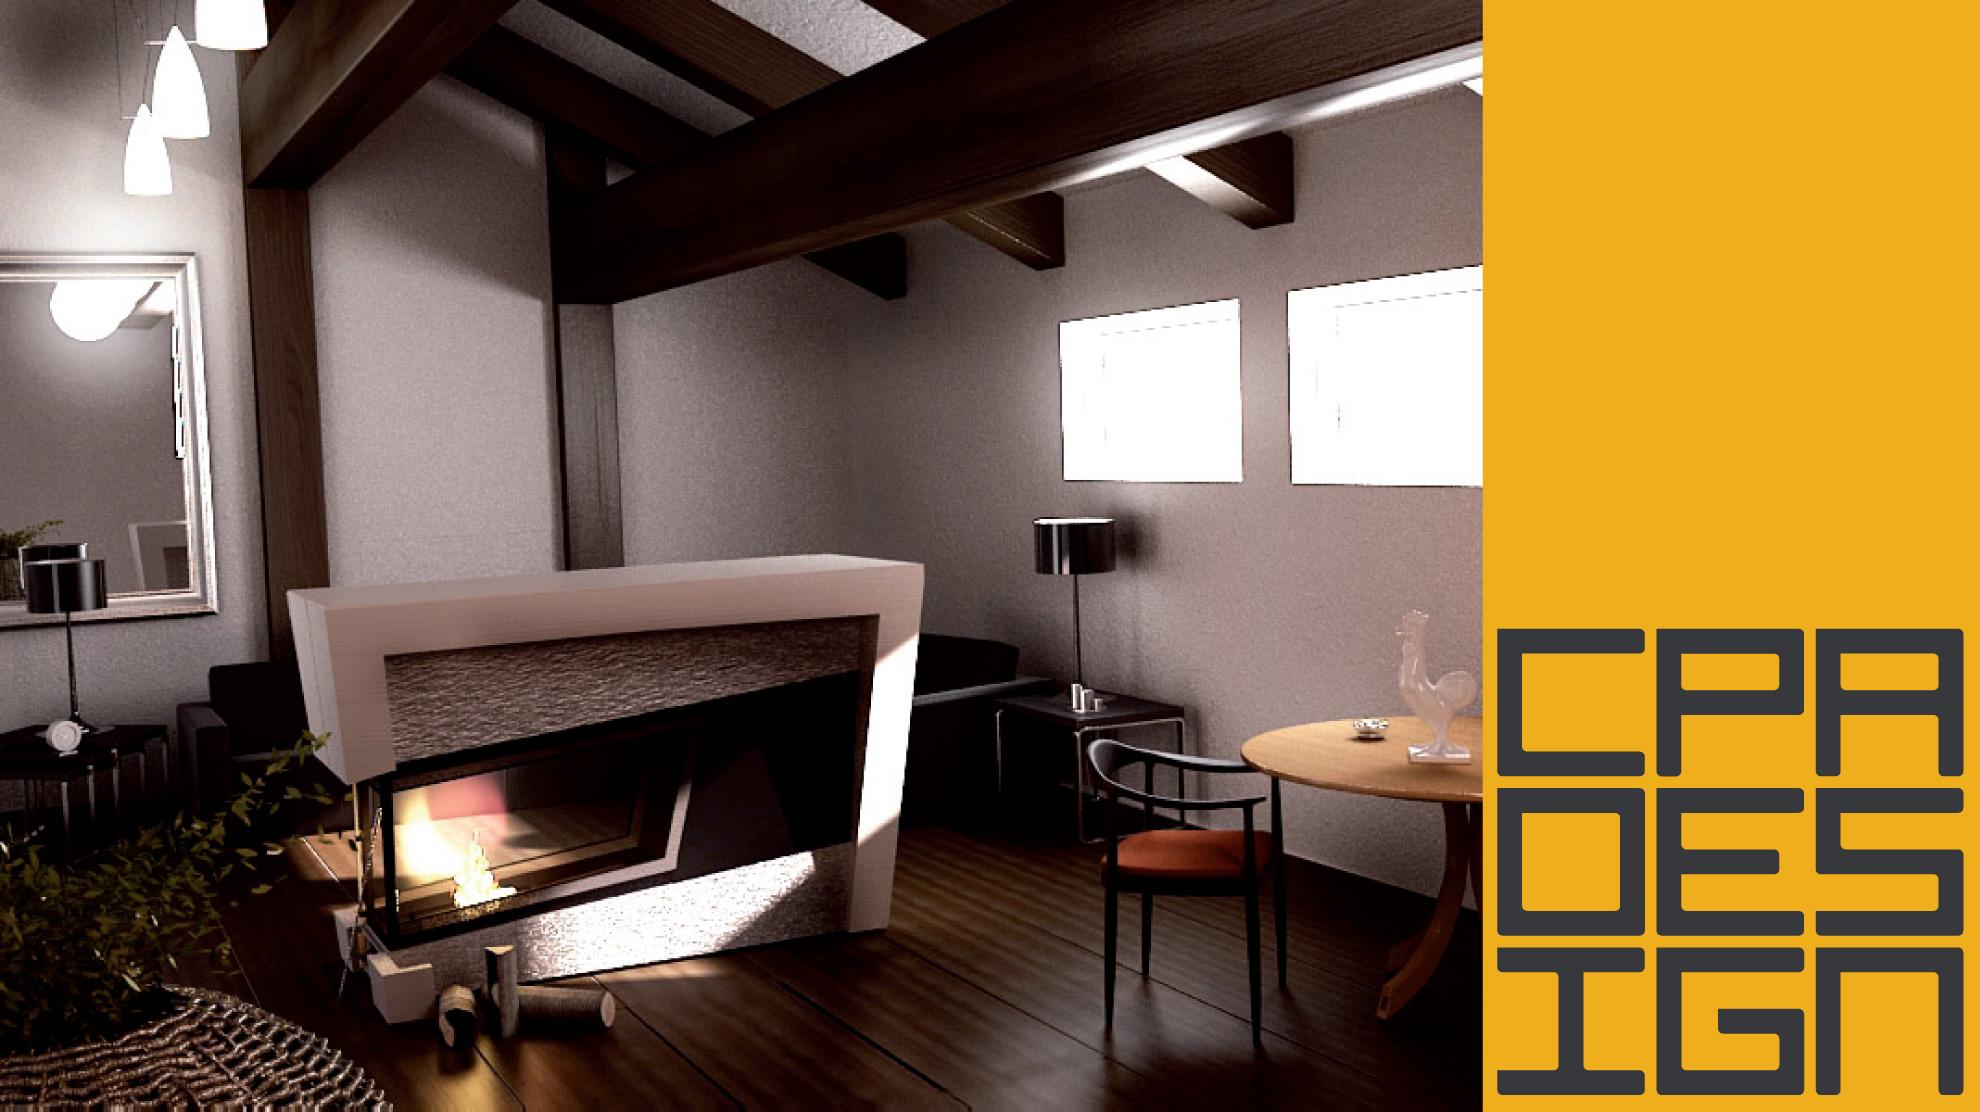 c_pa_design_-perspective-insertion-produit_milieu-réalité-élément-3d